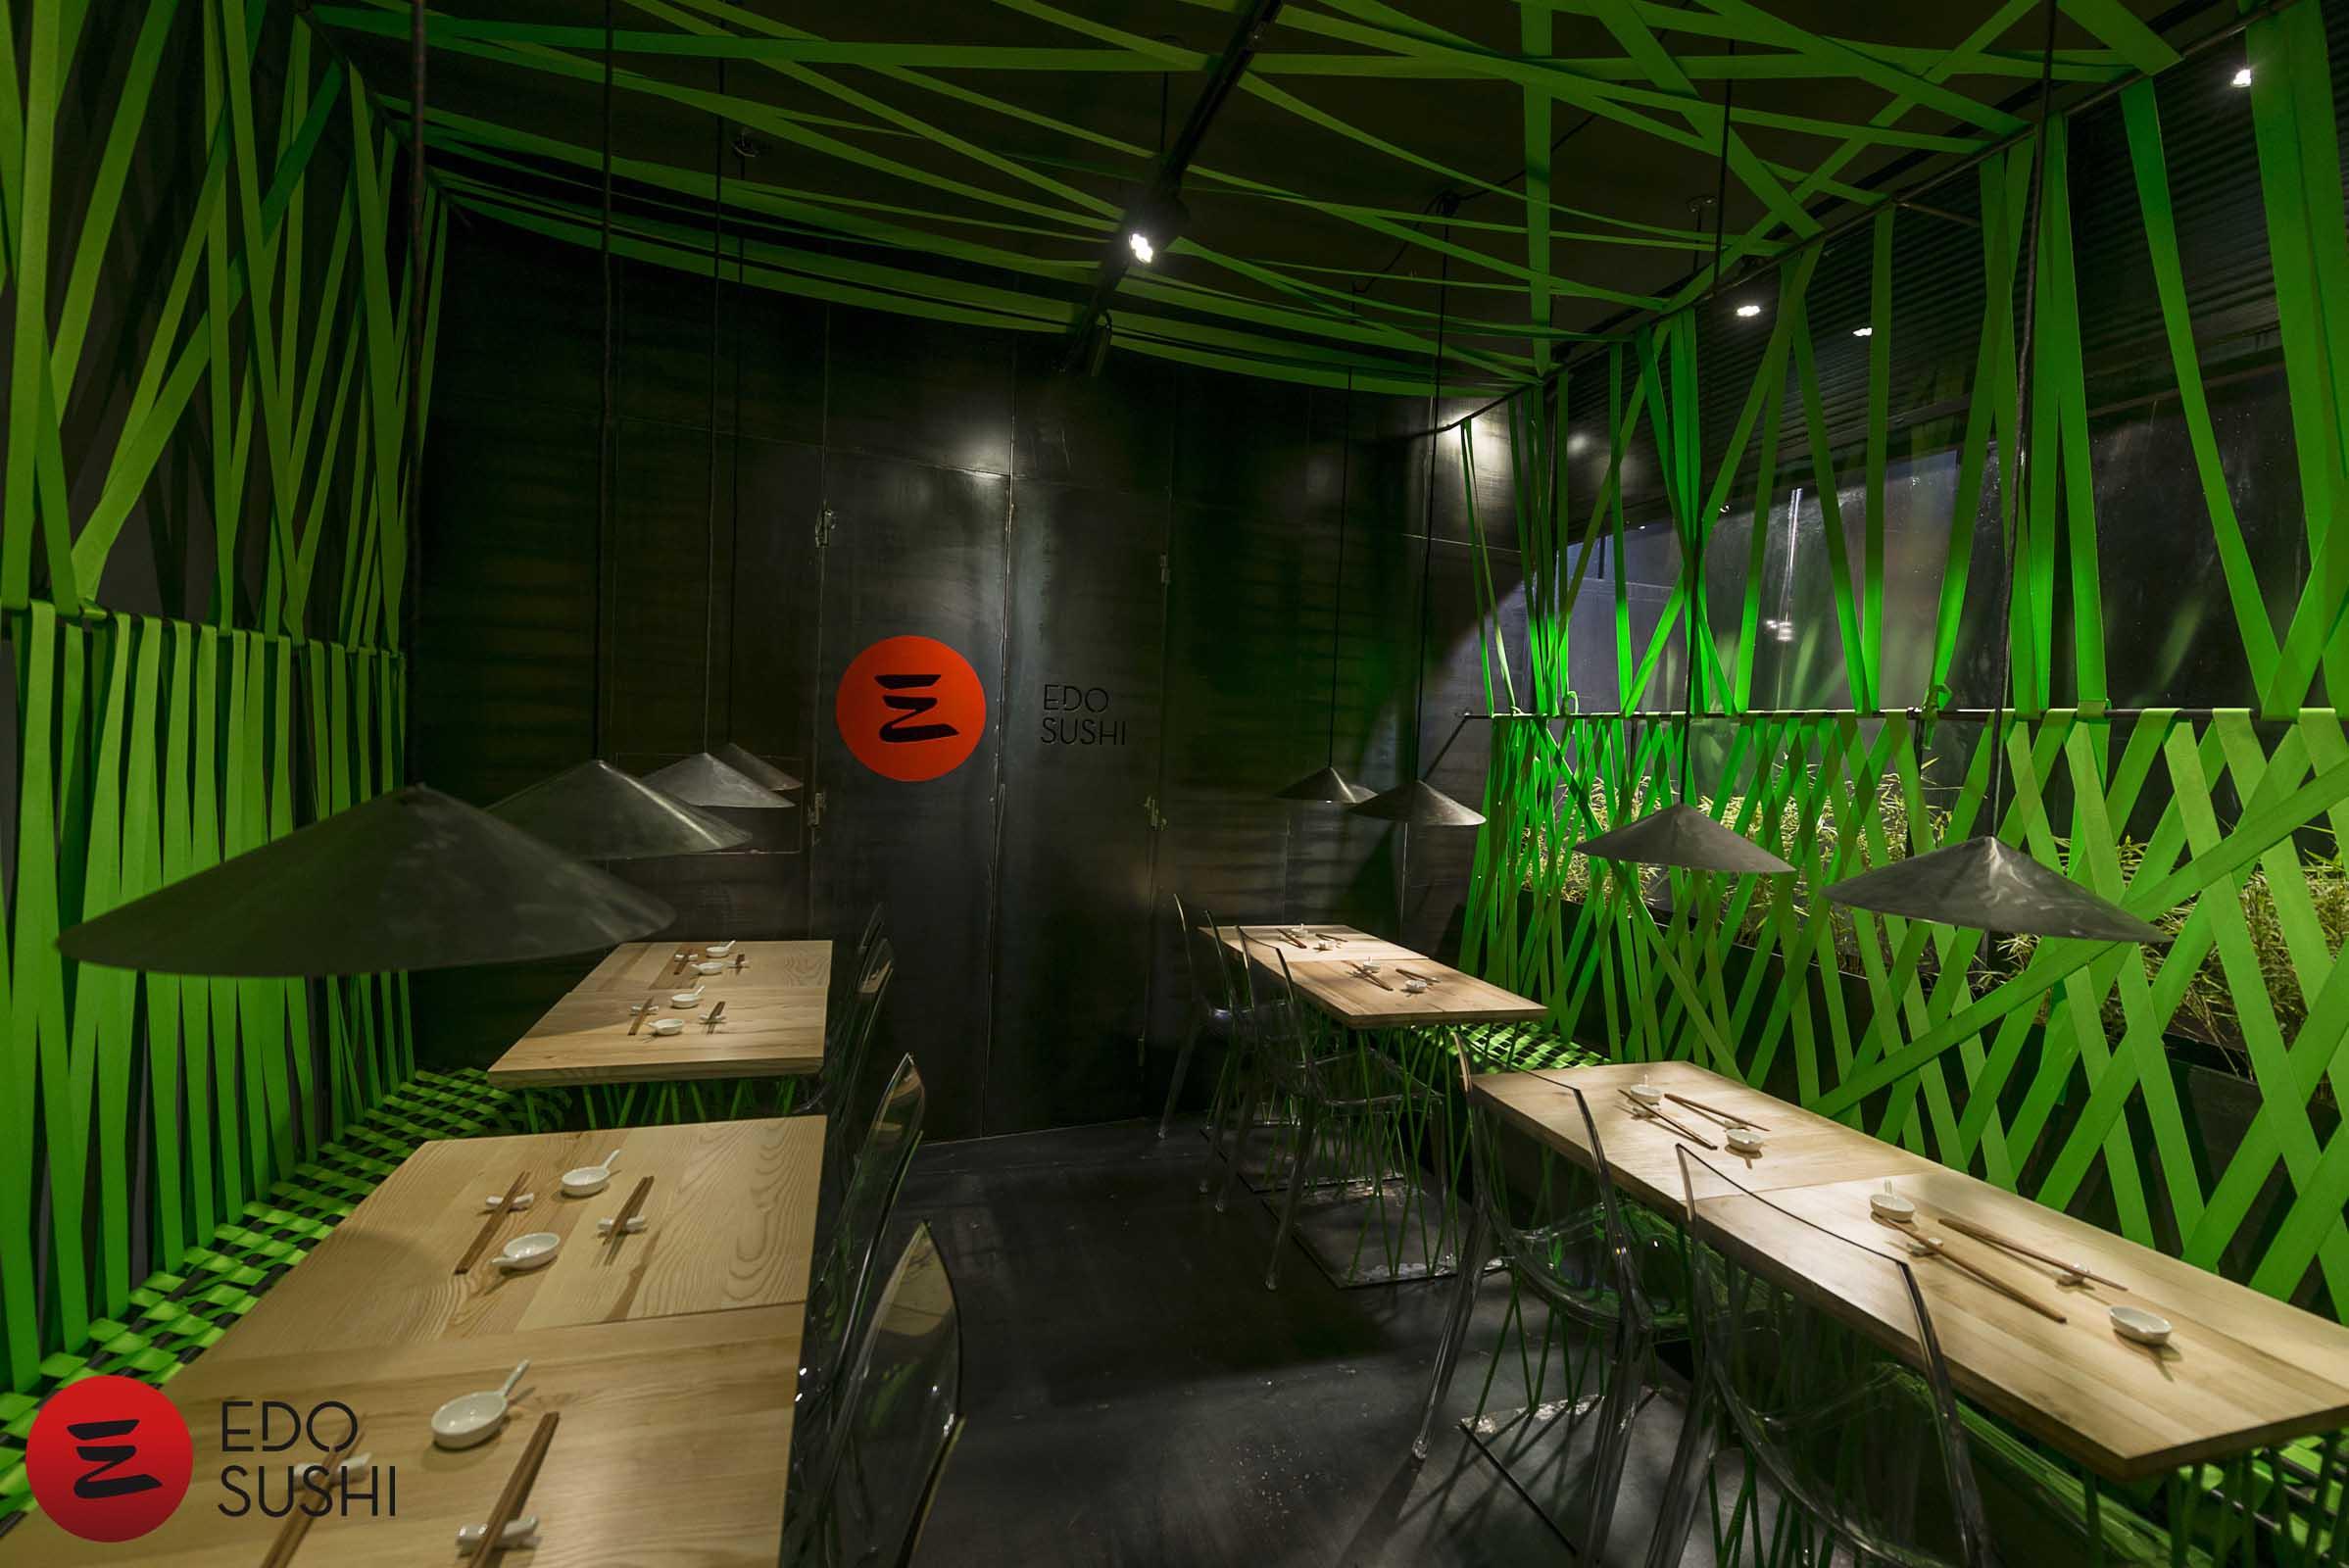 Edo Sushi_6